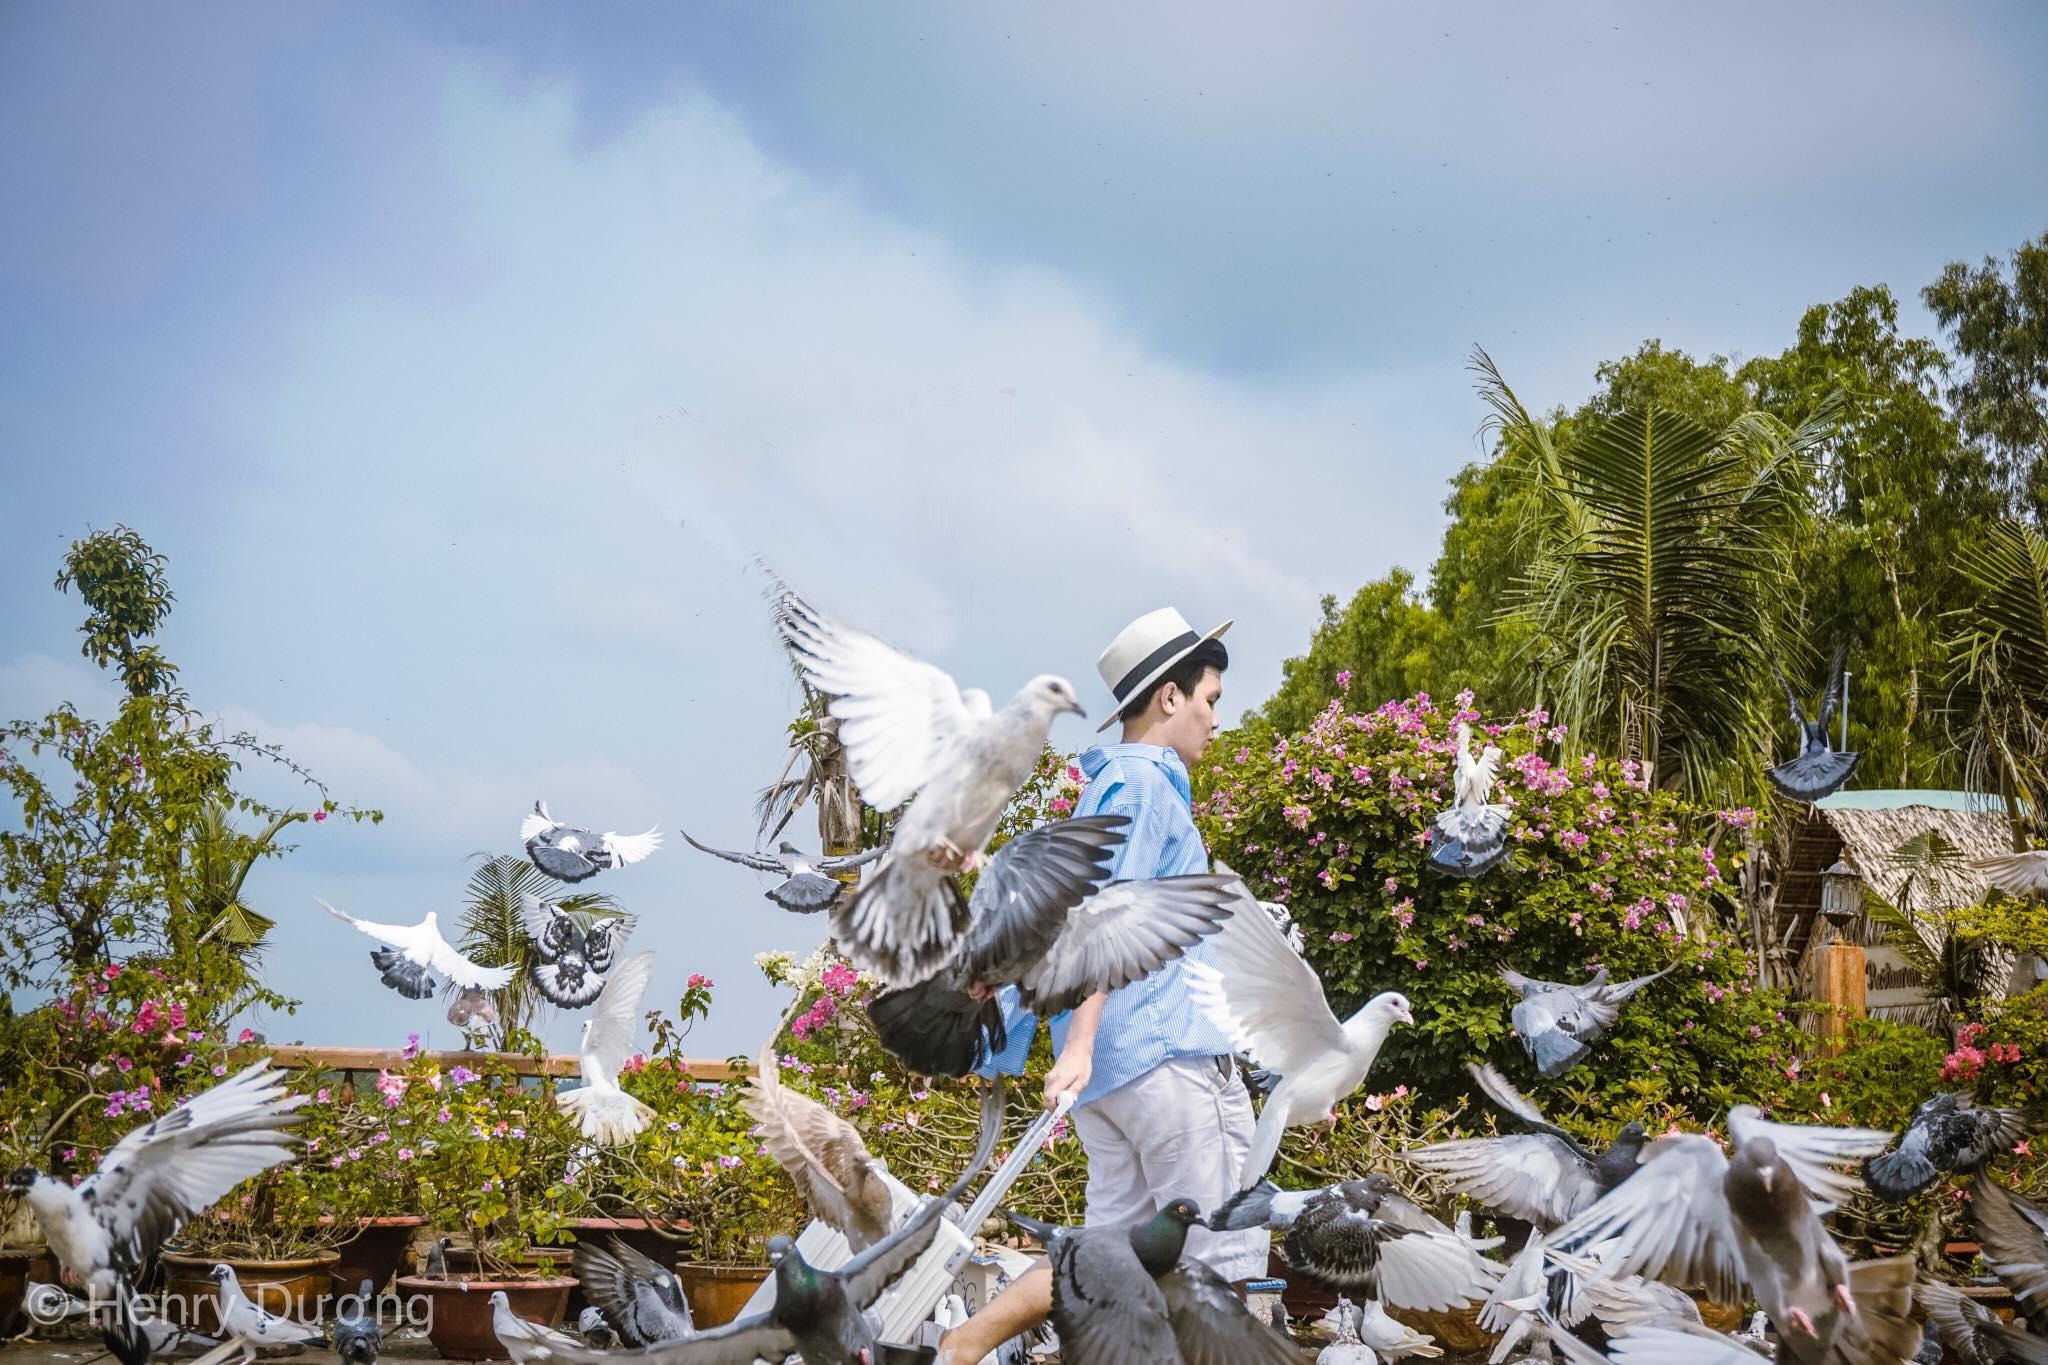 Hành trình khám phá những địa điểm đẹp nhất tại rừng tràm Trà Sư, An Giang  - Ảnh 4.